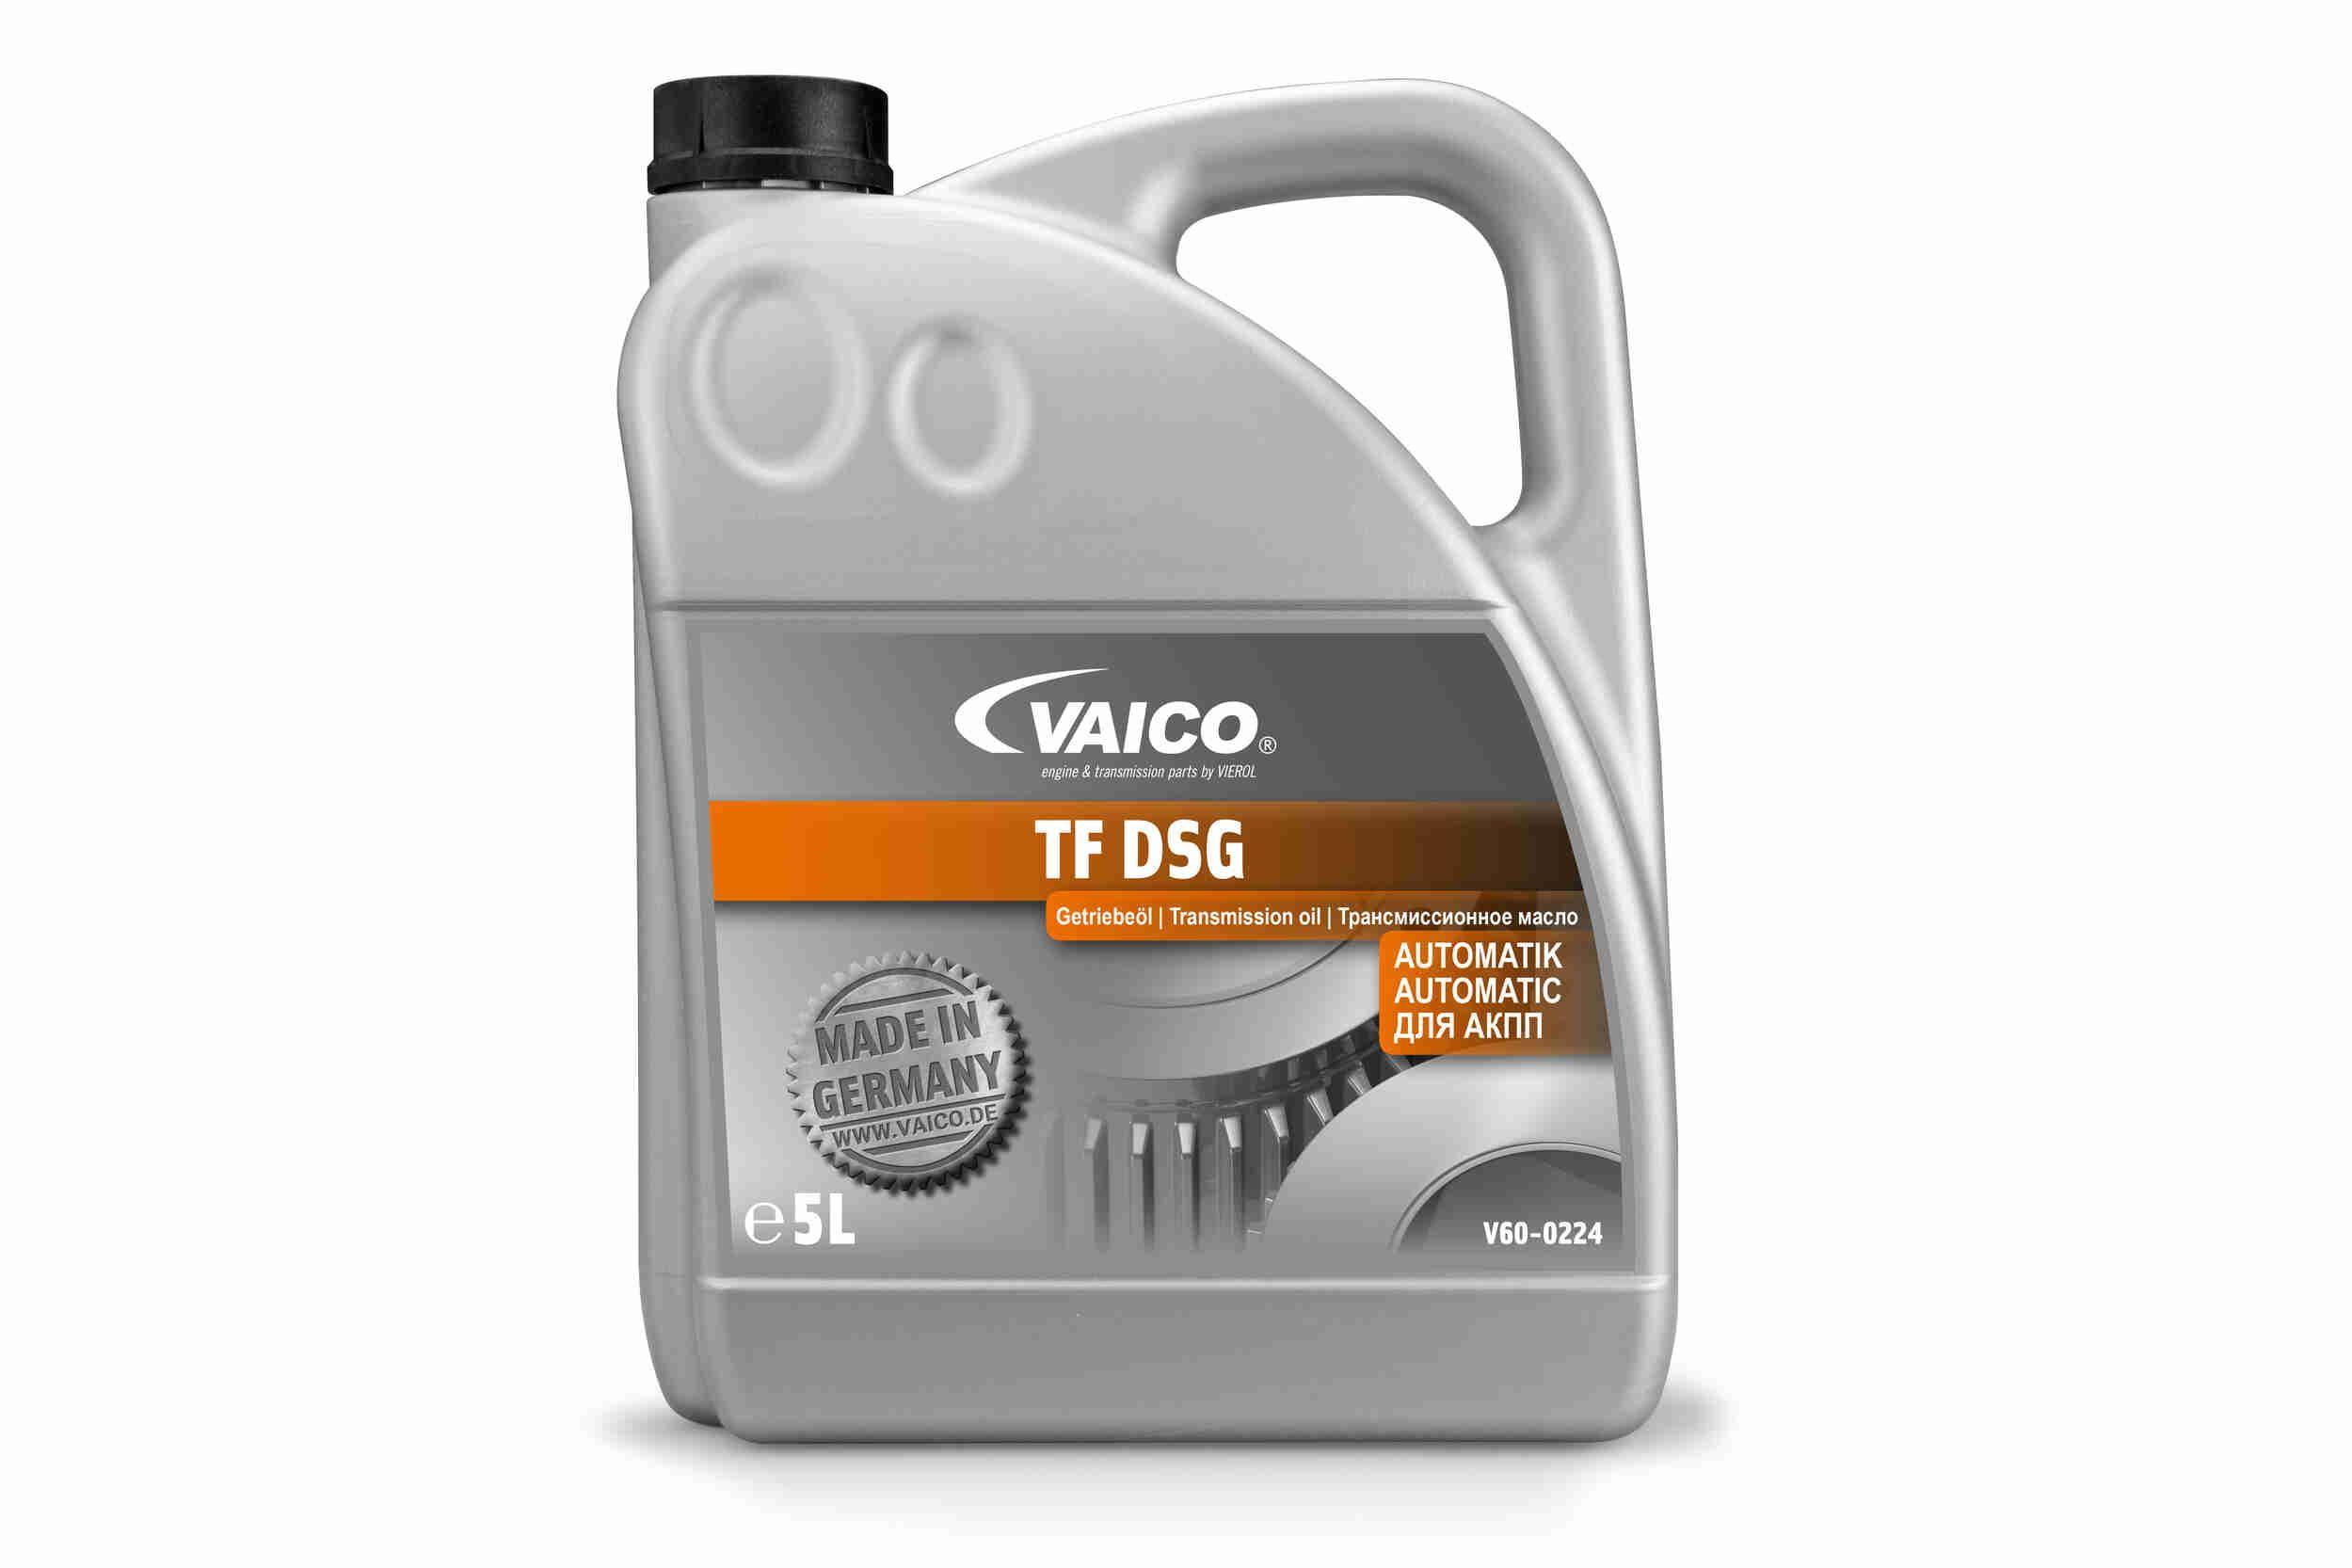 Originales Transmisión V60-0224 Citroen